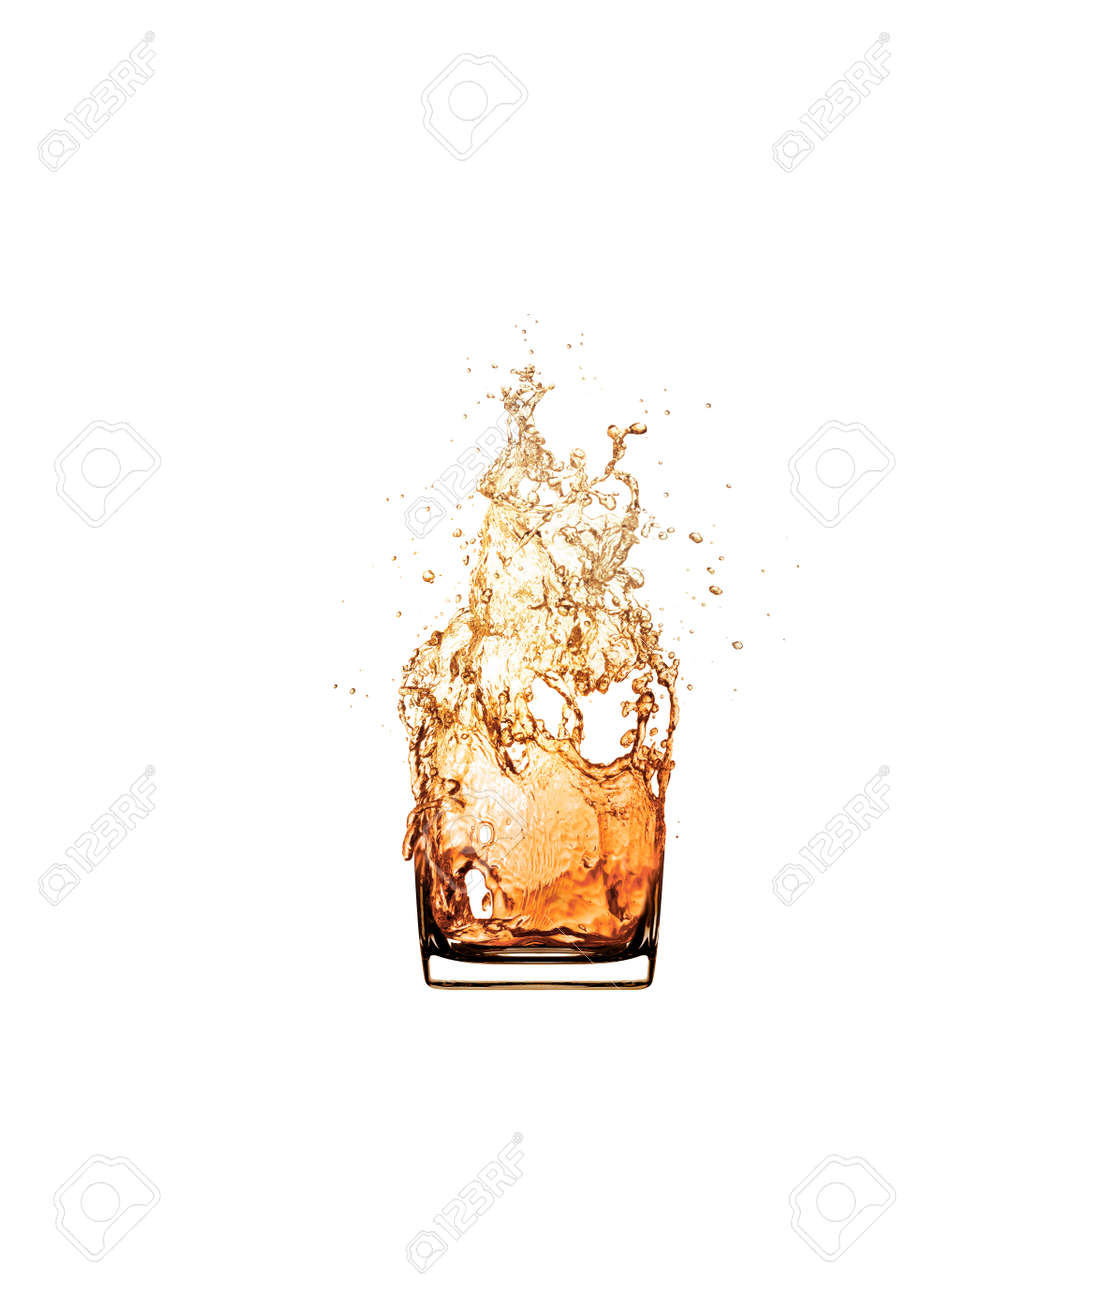 whiskey splash drinking glass isolated on white background. - 127337748